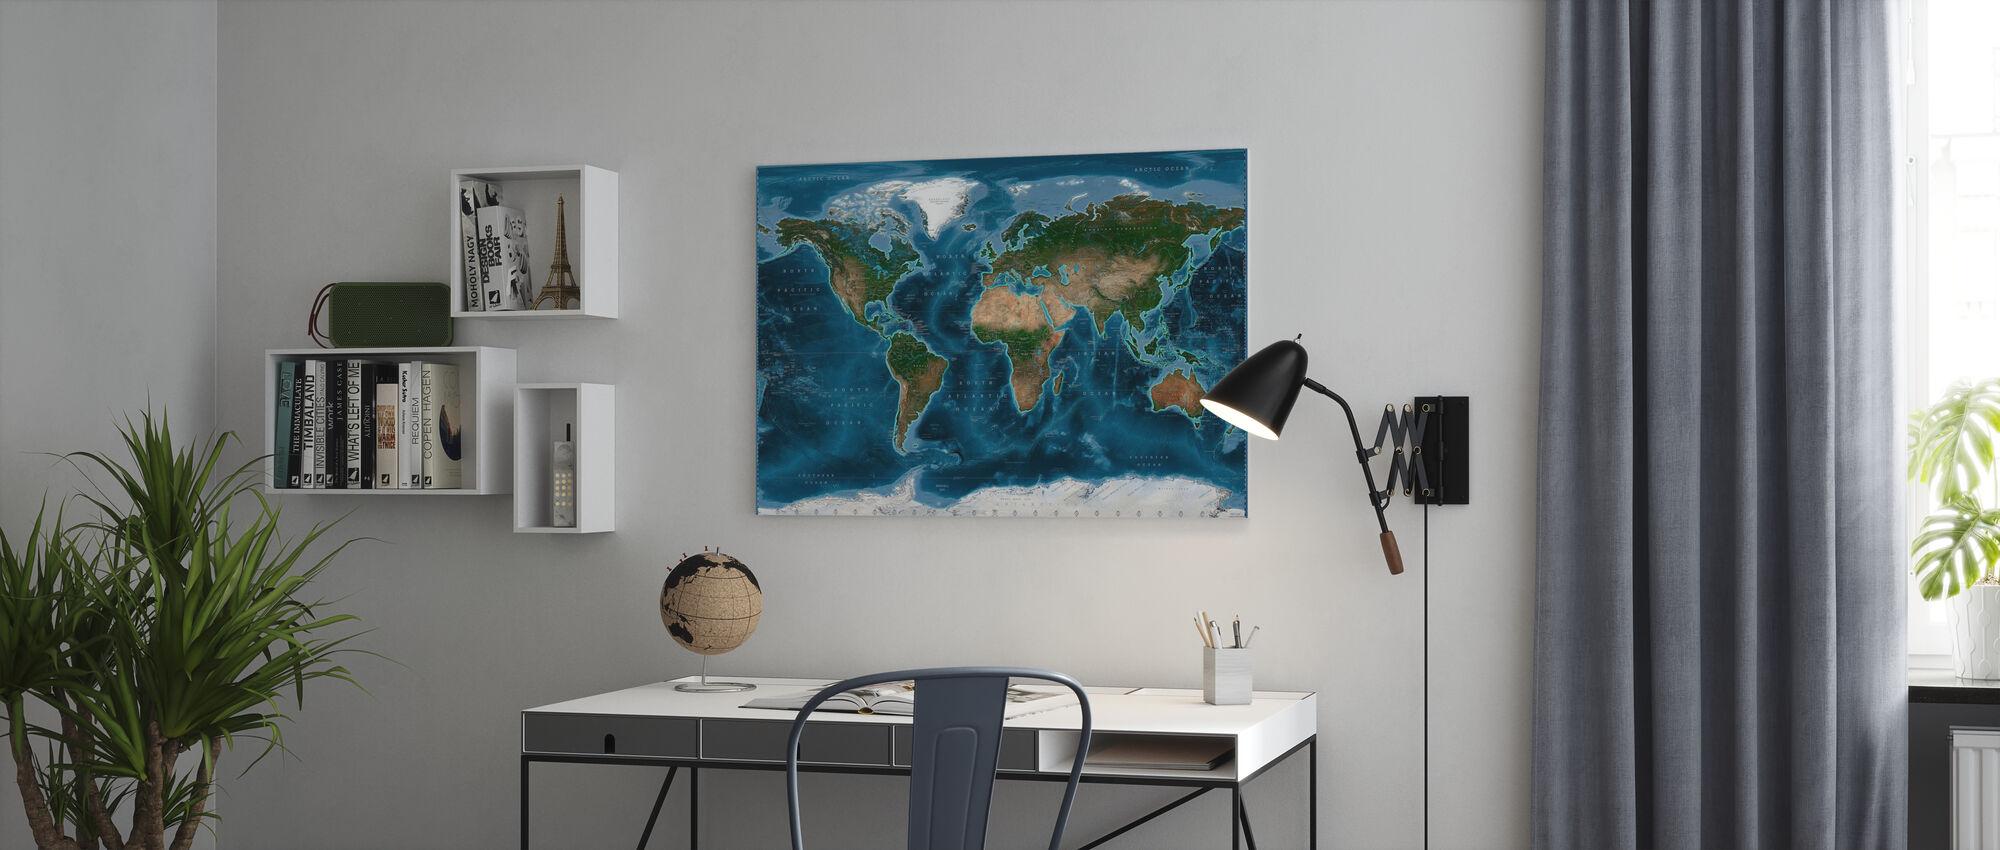 Satelite Kaart - Canvas print - Kantoor